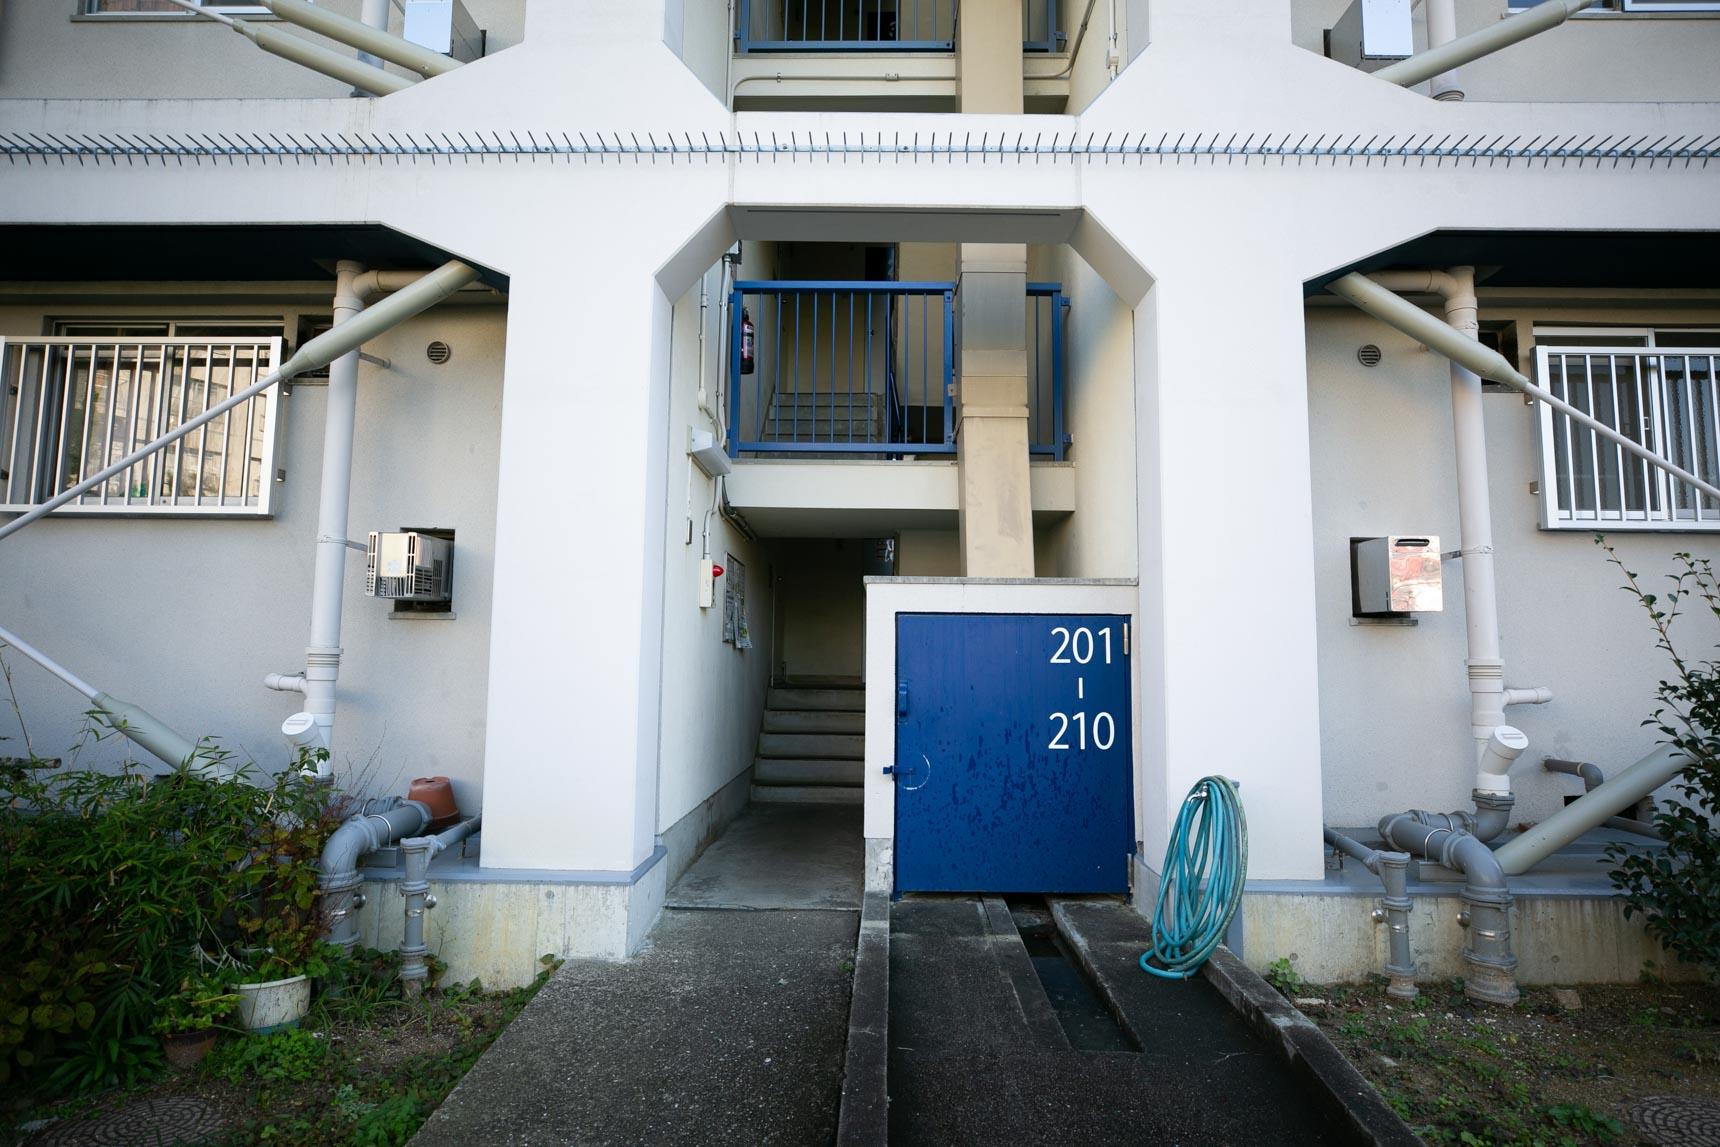 住棟は、階段室をはさんで2部屋が向かい合うタイプ。